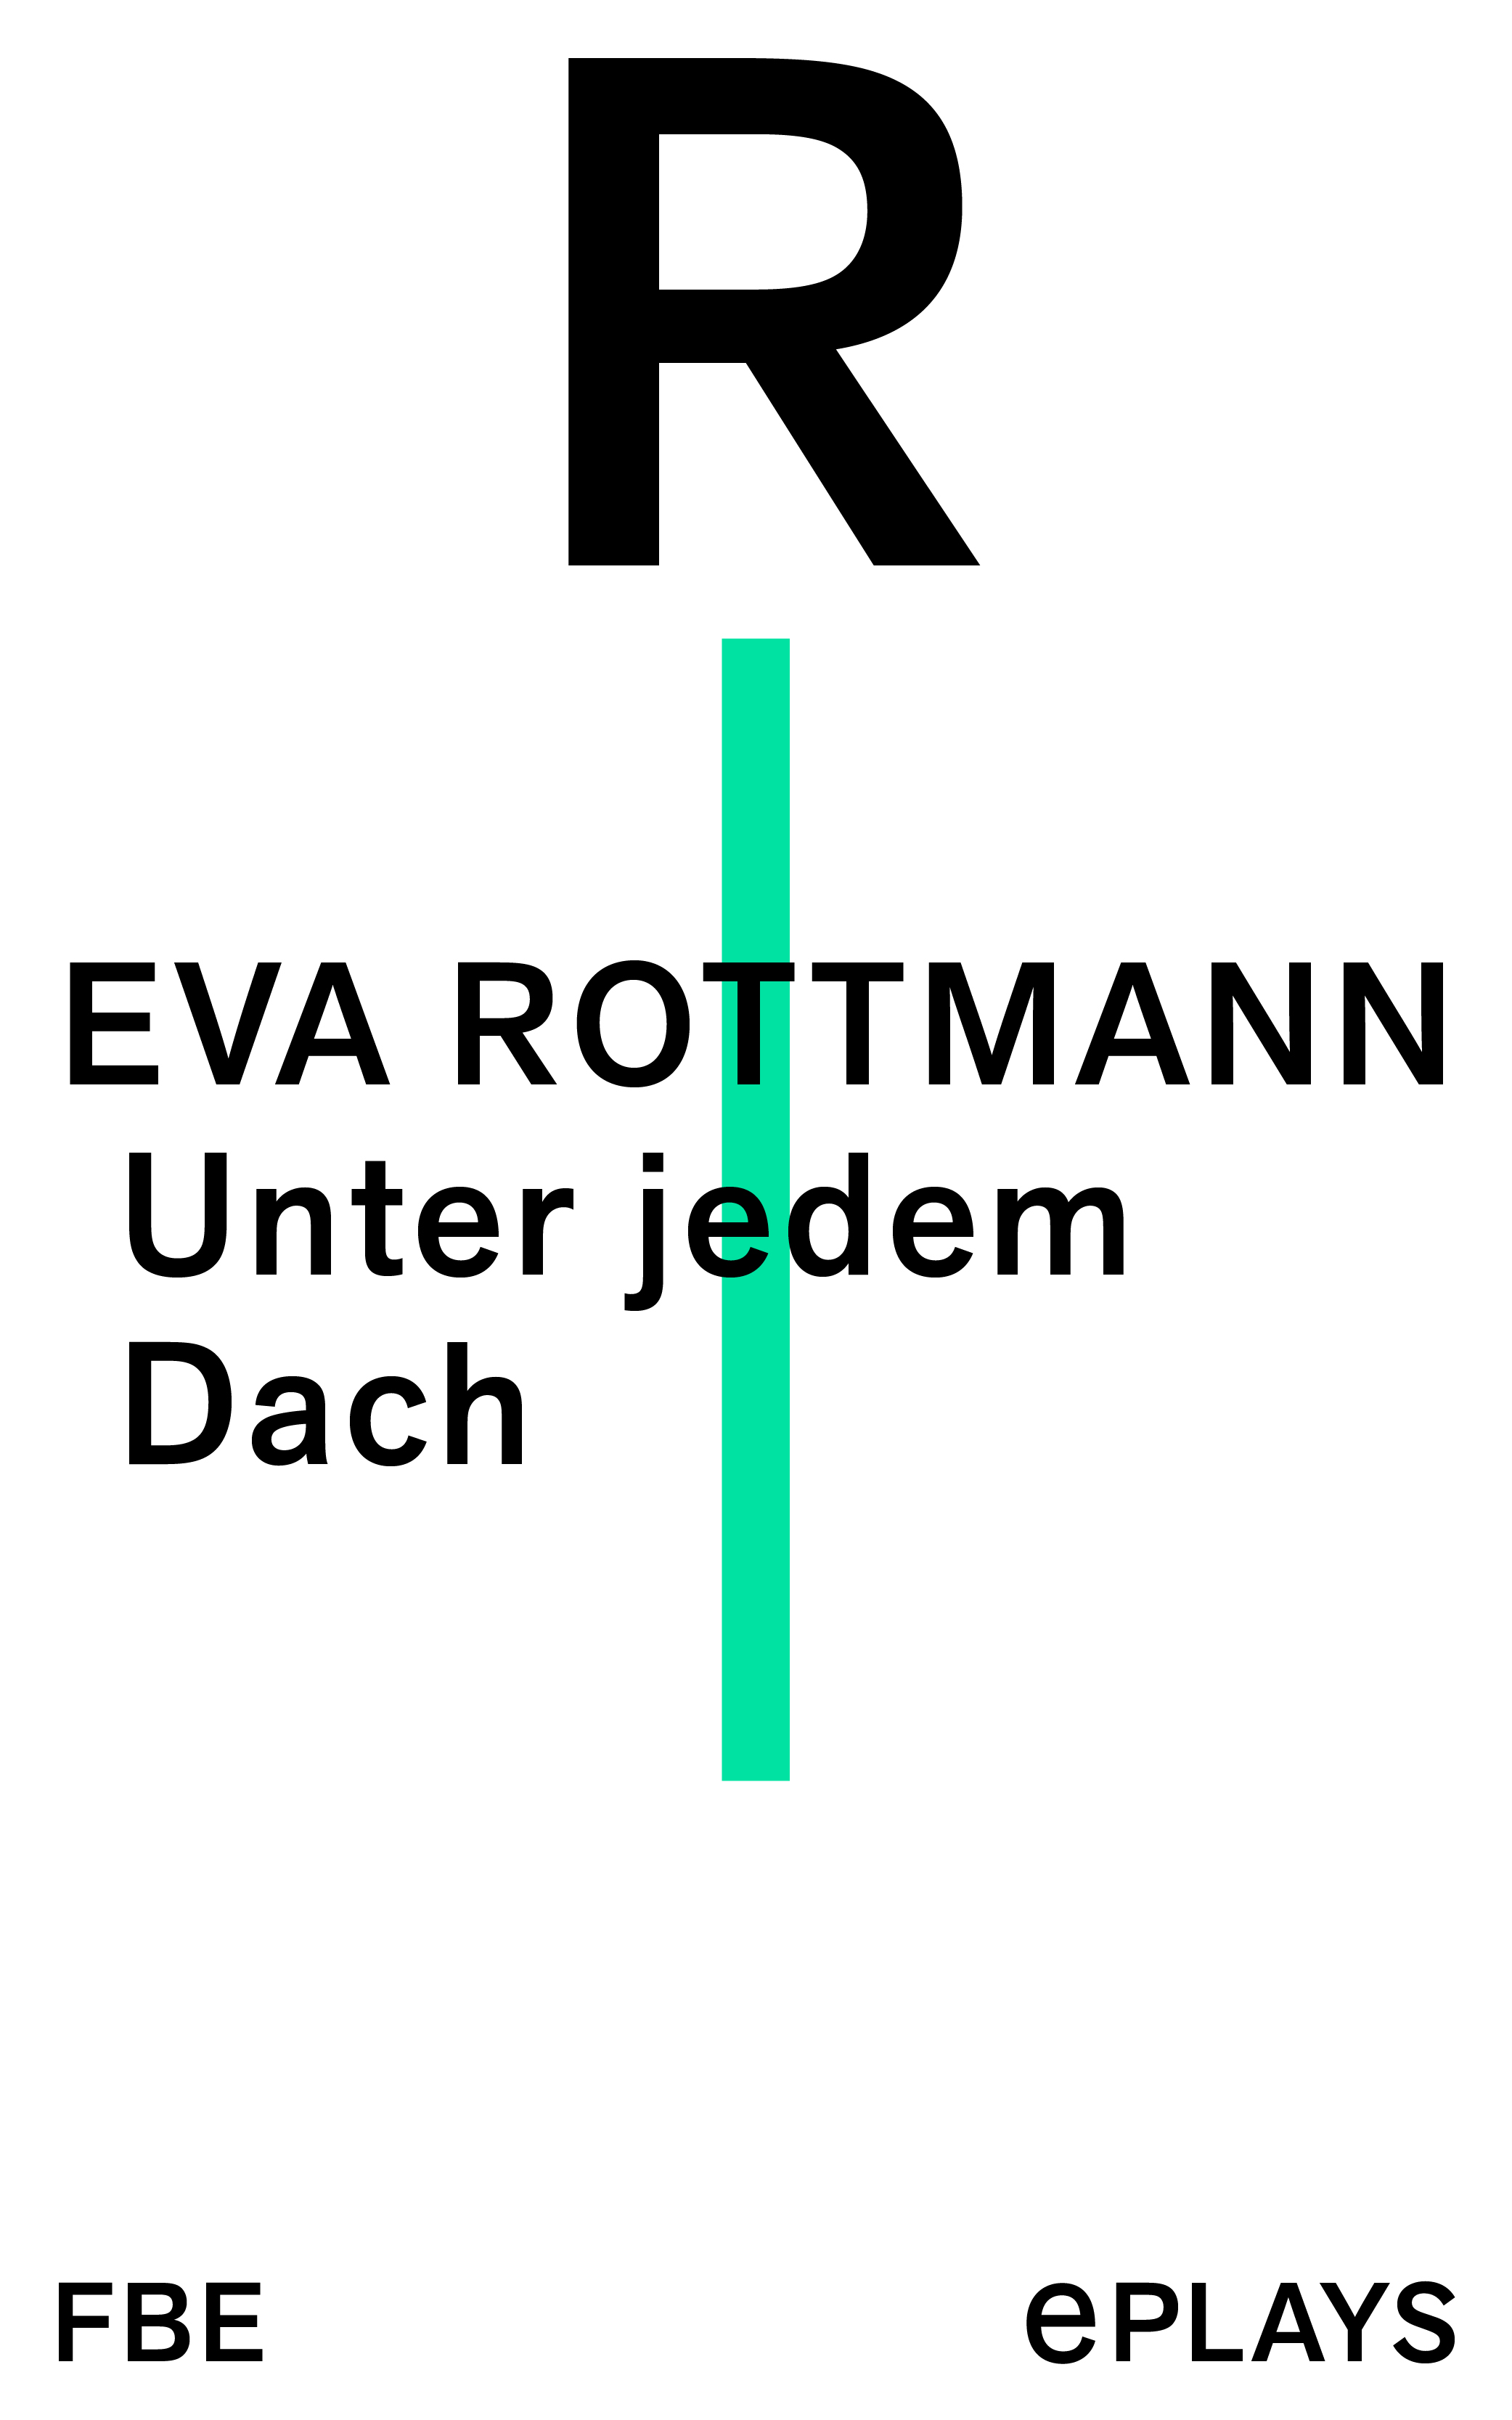 Eva Rottmann Unter jedem Dach karl rudolf hagenbach leben und ausgewahlte schriften der vater und begrunder der reformirten kirche volume 2 german edition